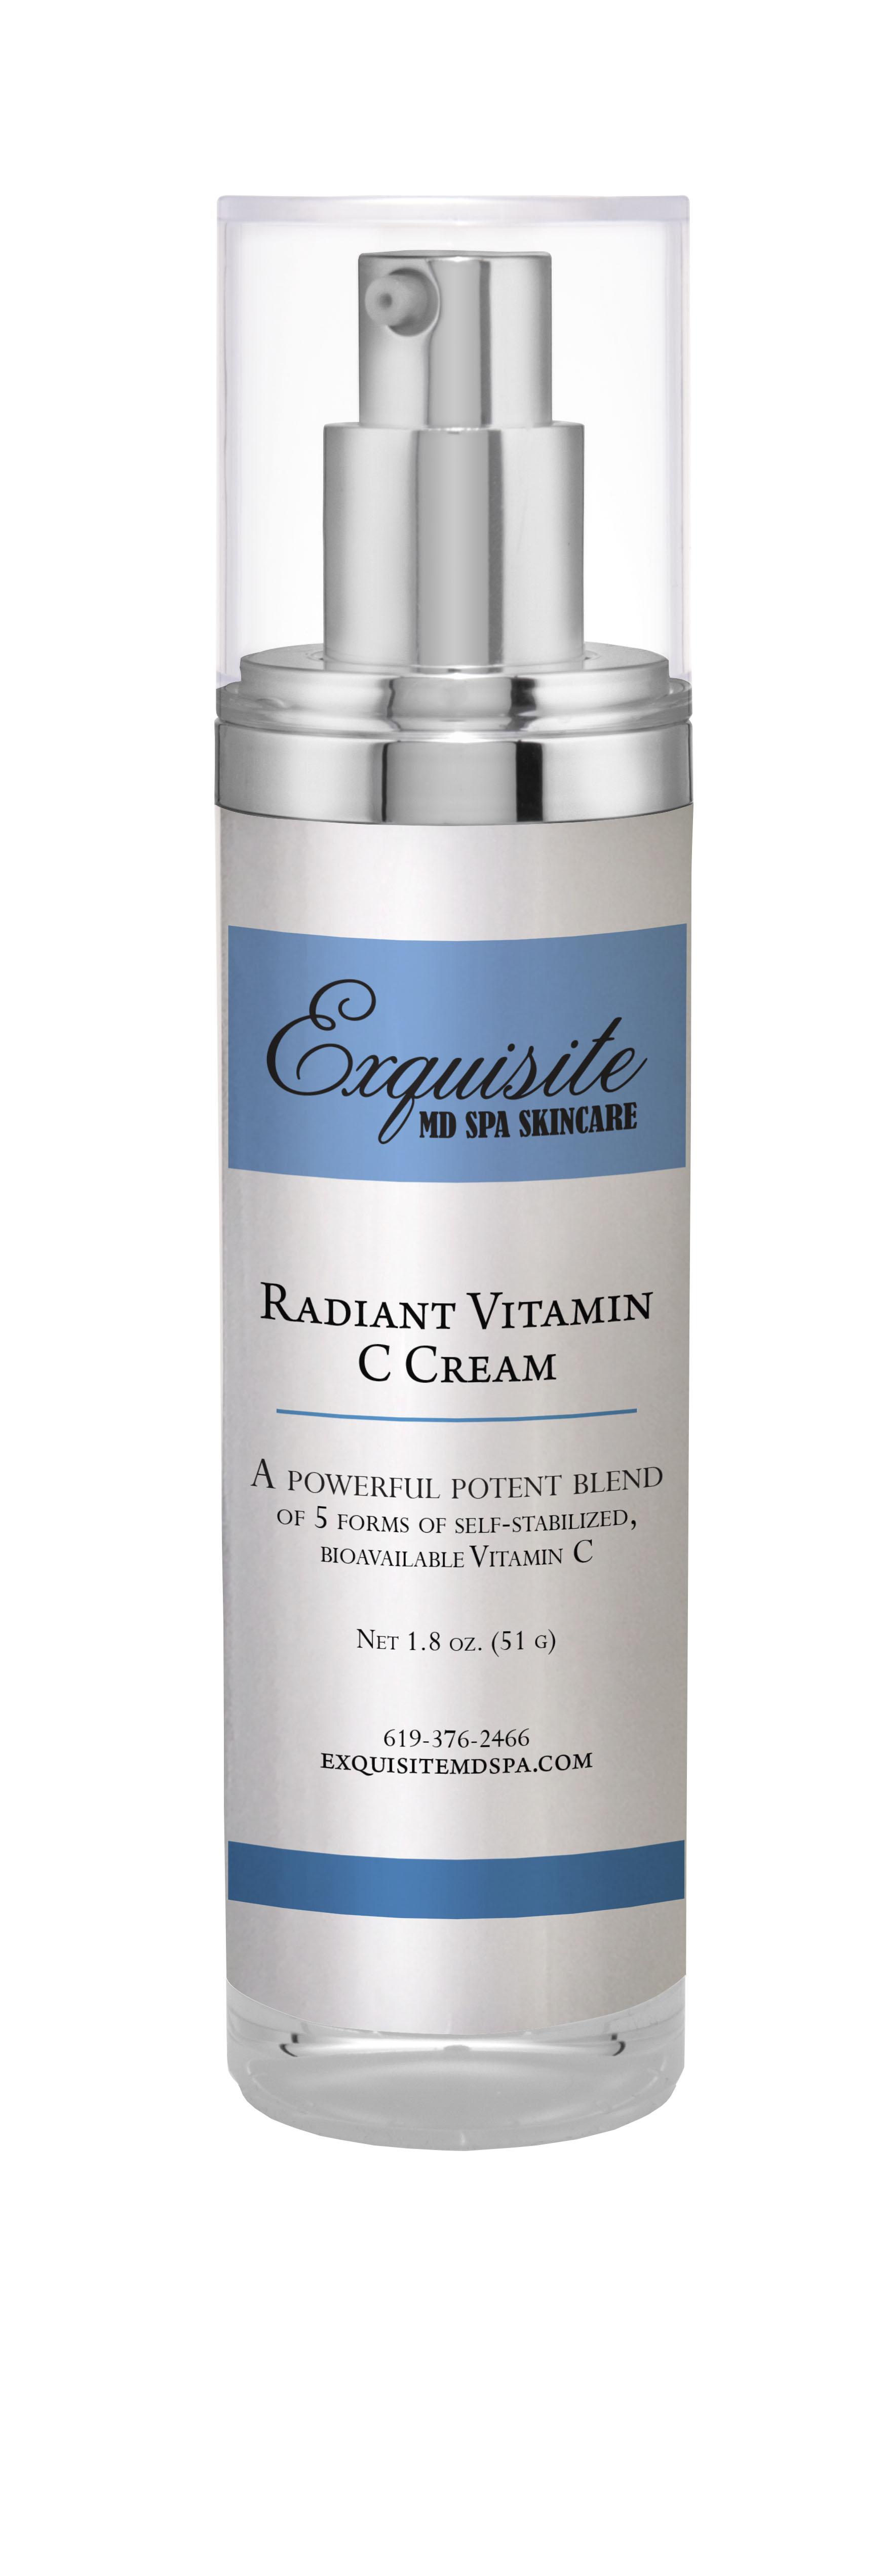 Radiant Vitamin C Cream